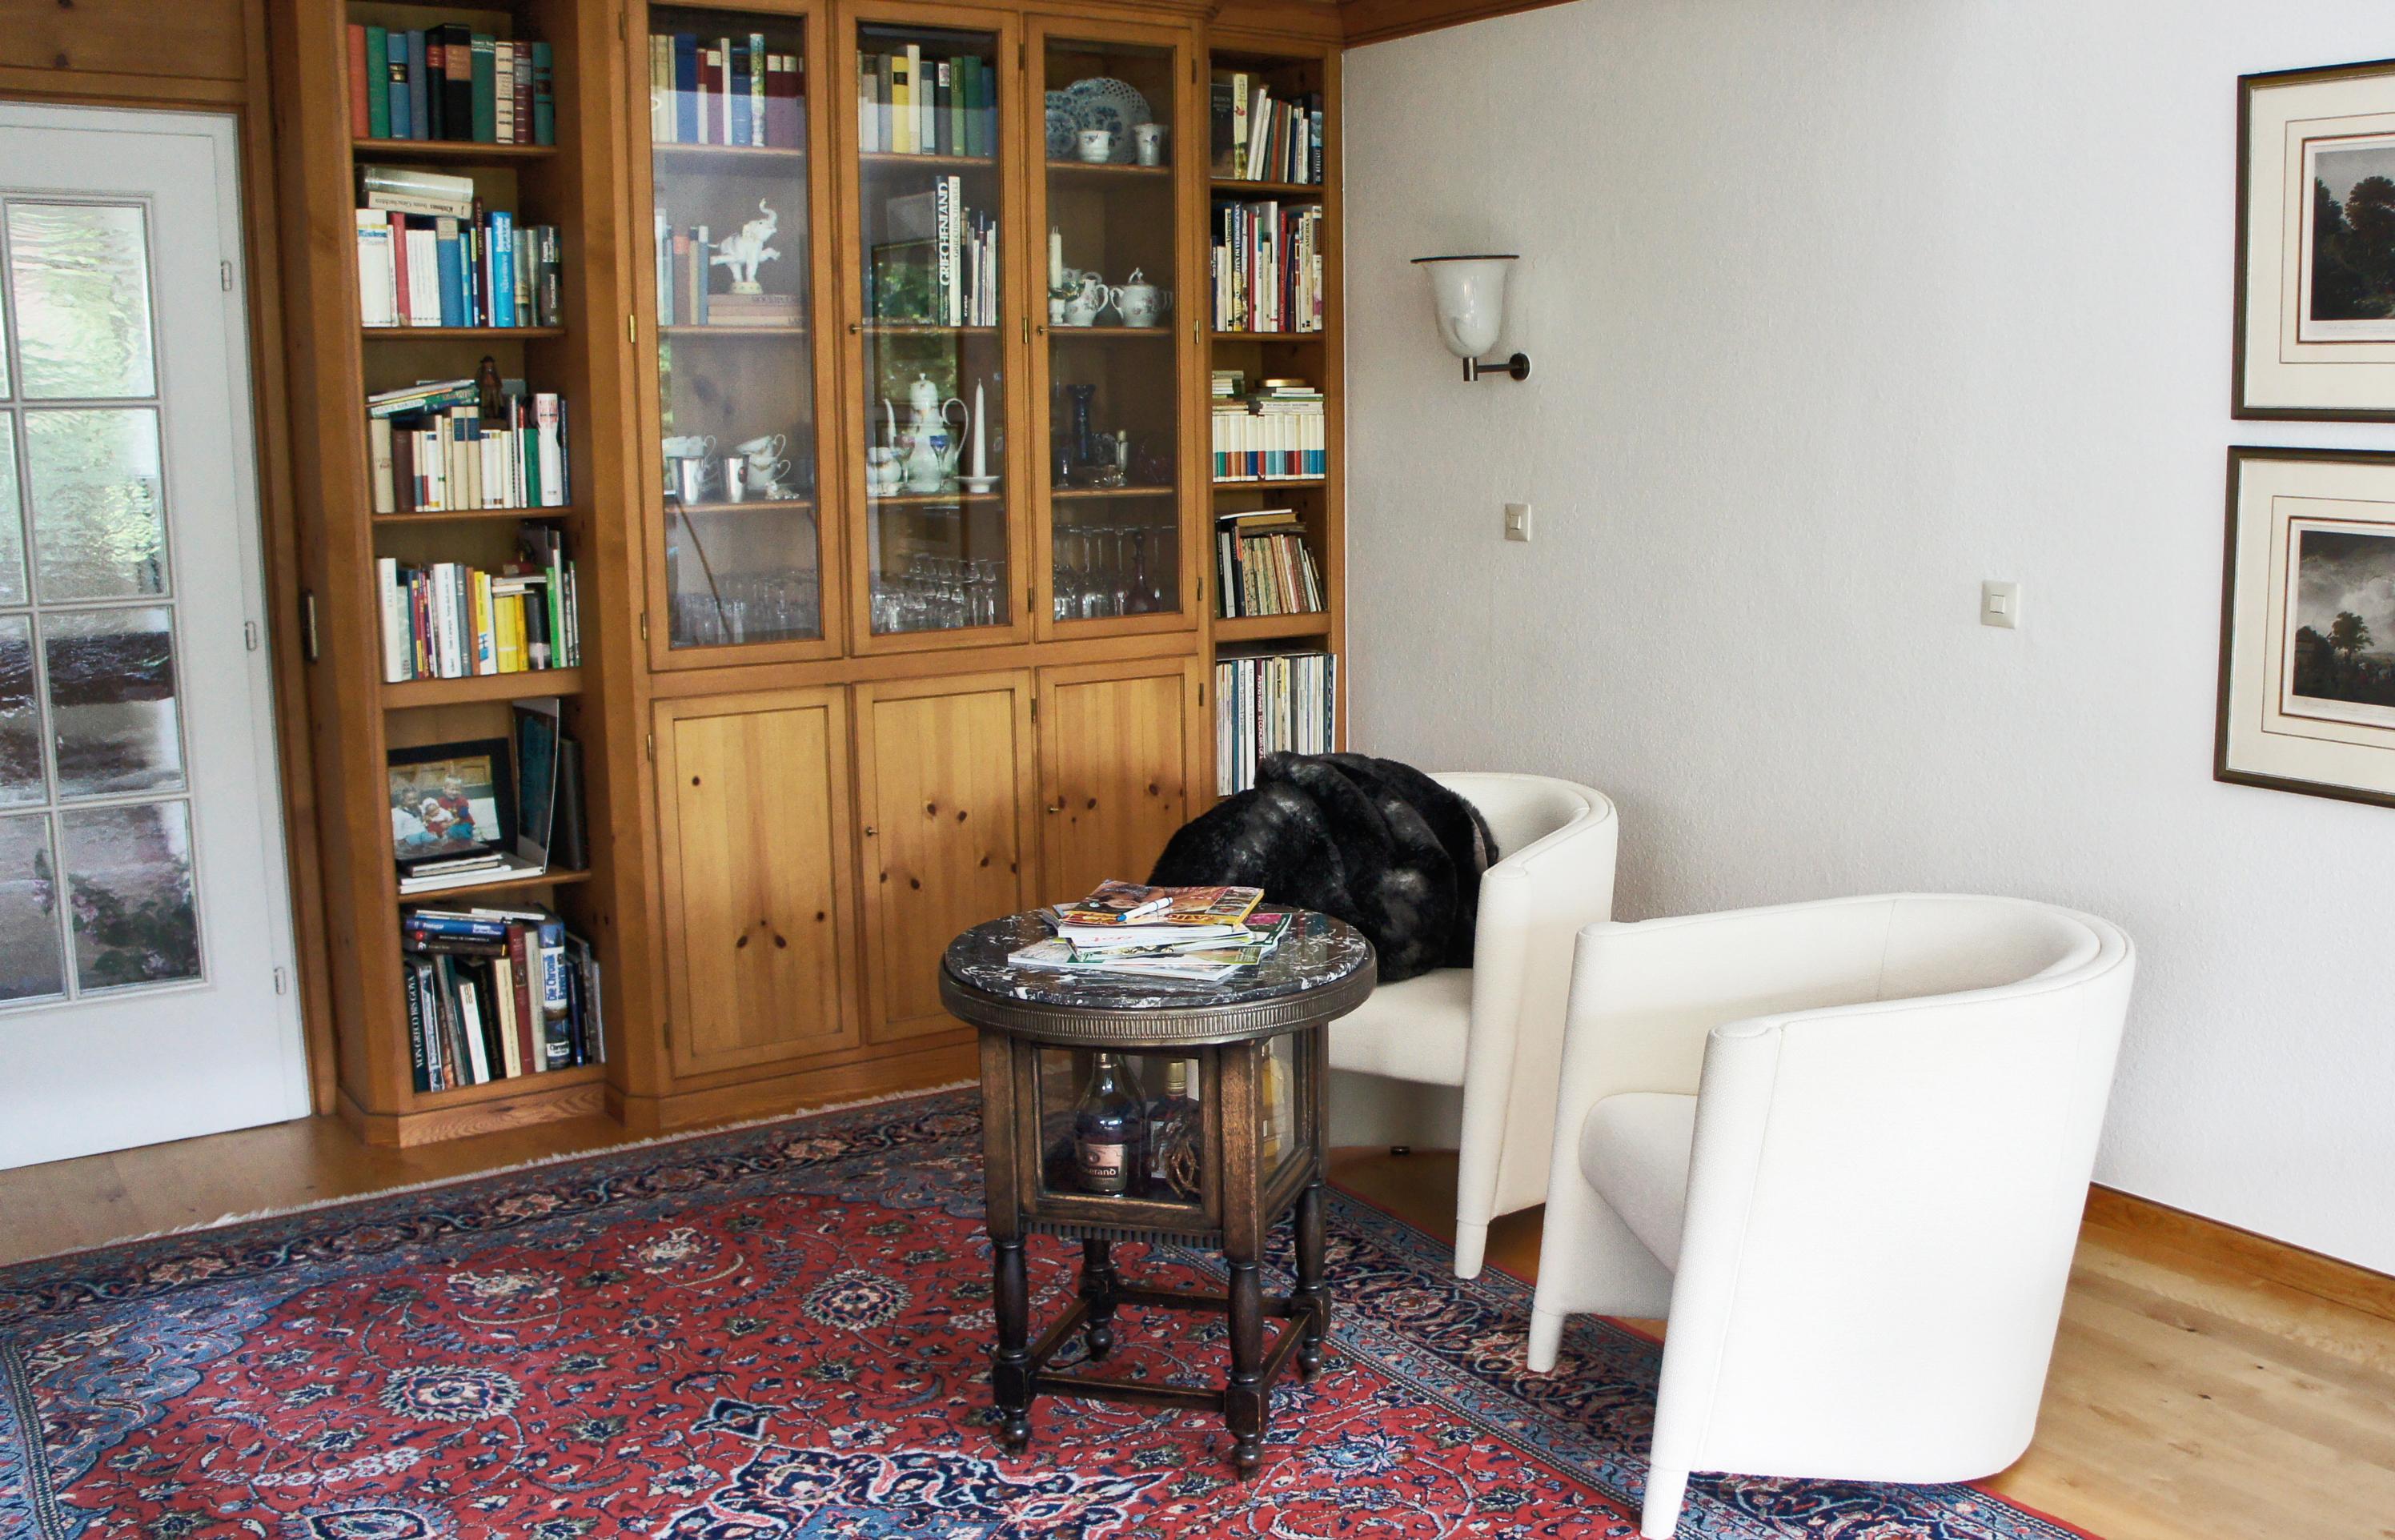 Wohnzimmer neu wohnzimmer innnewohnen couch for Wohnzimmer neu